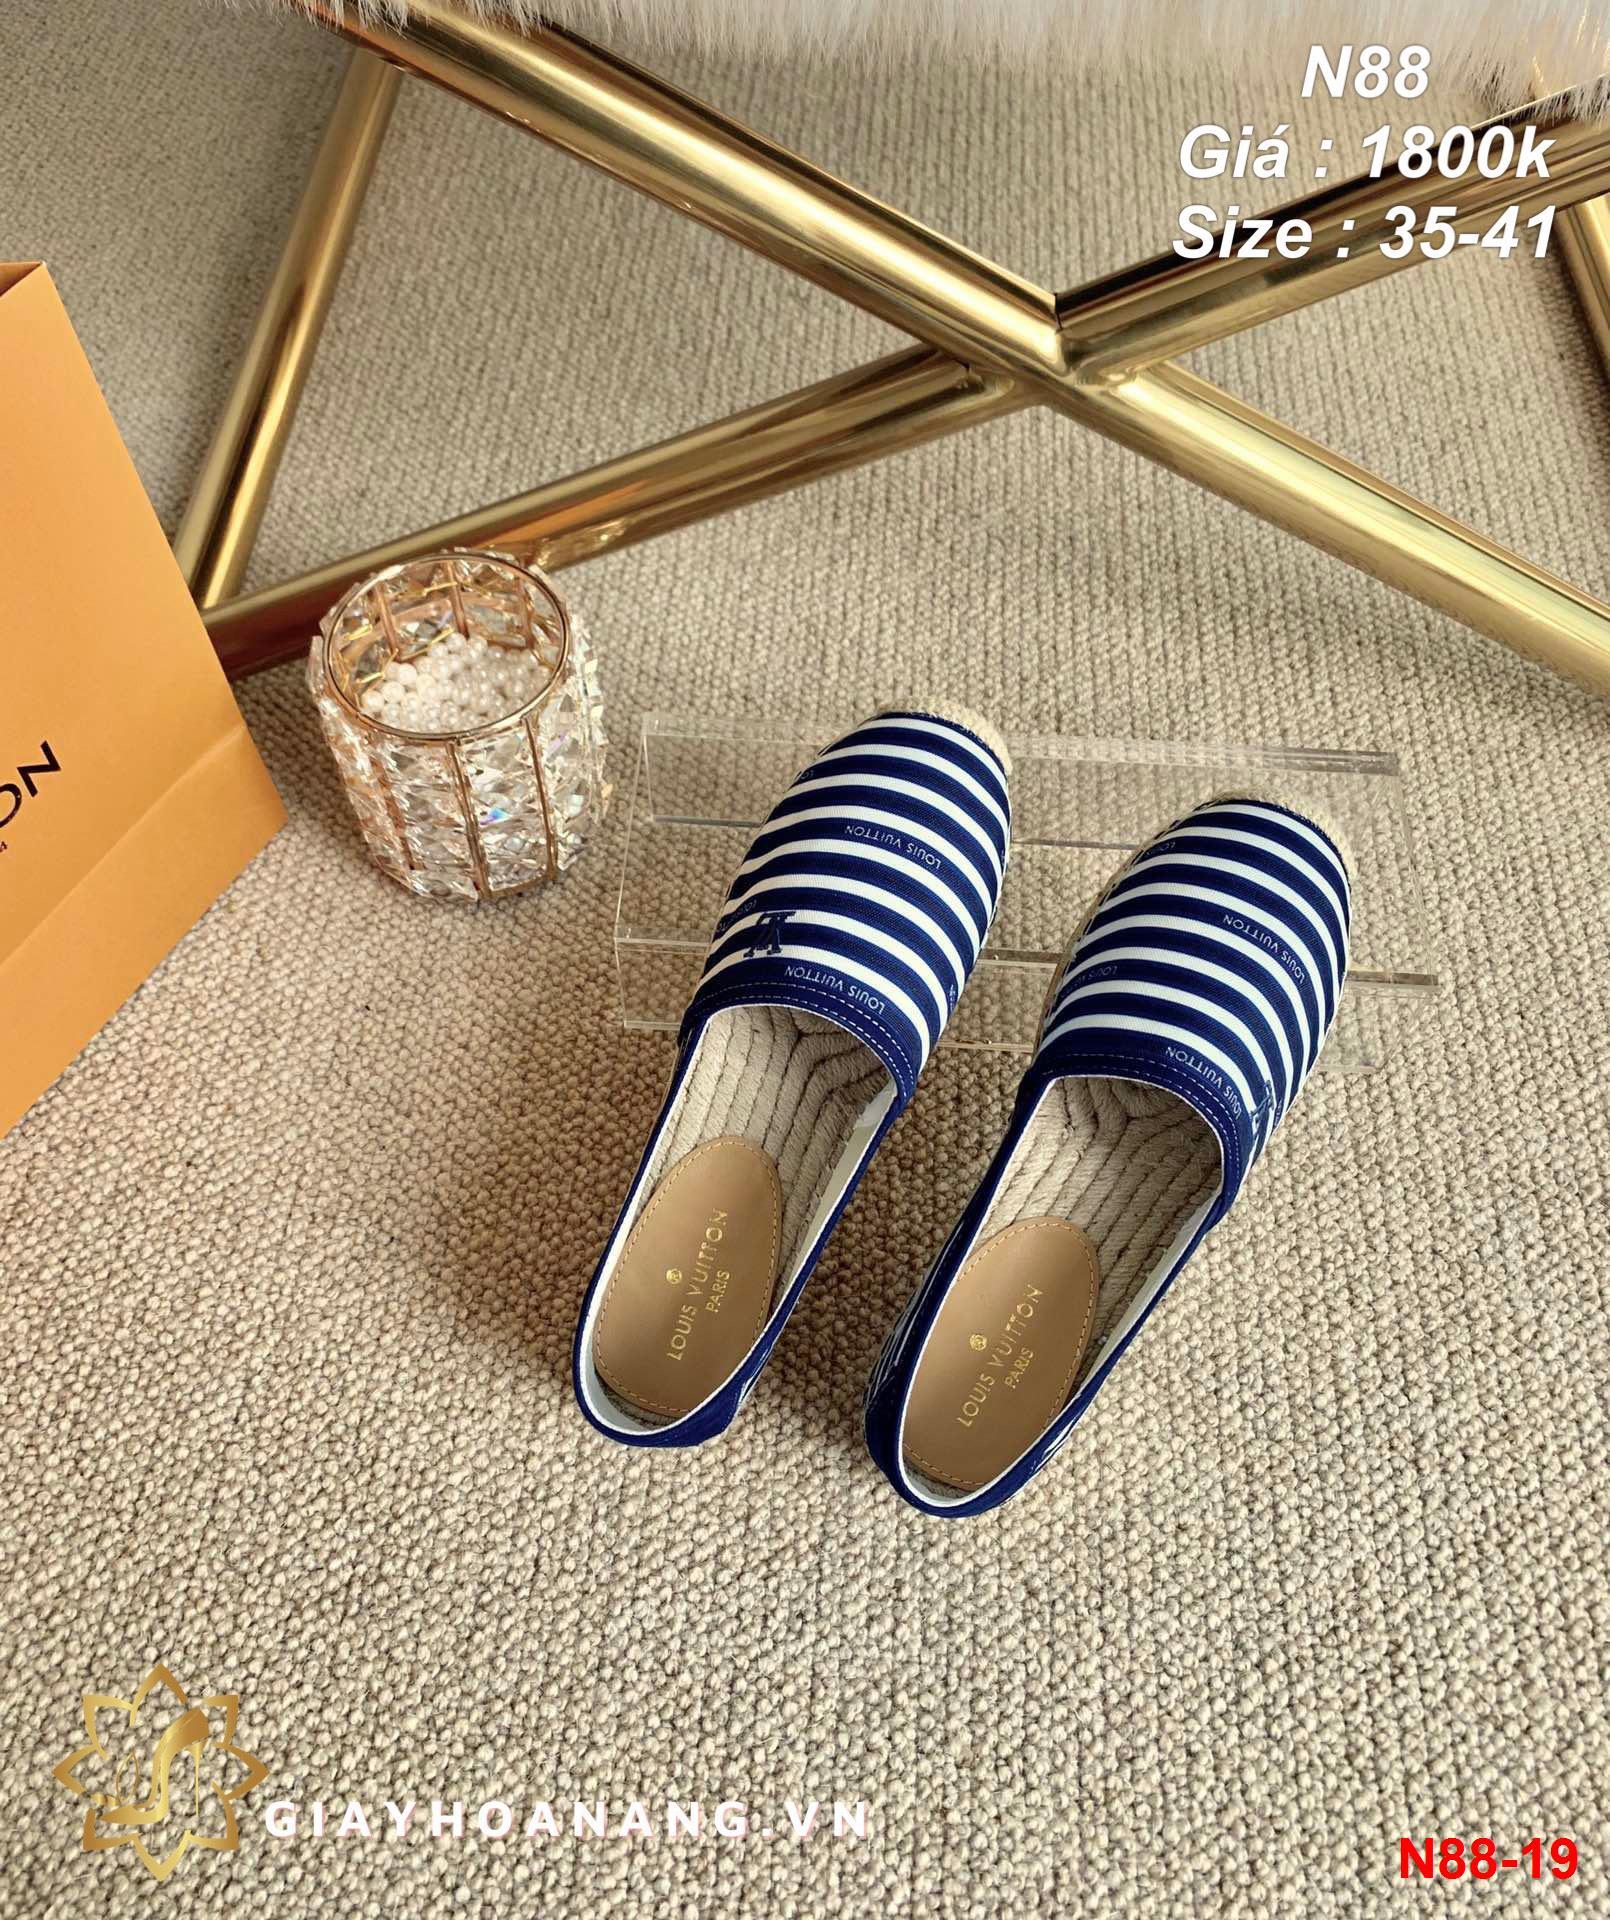 N88-19 Louis Vuitton giày lười siêu cấp